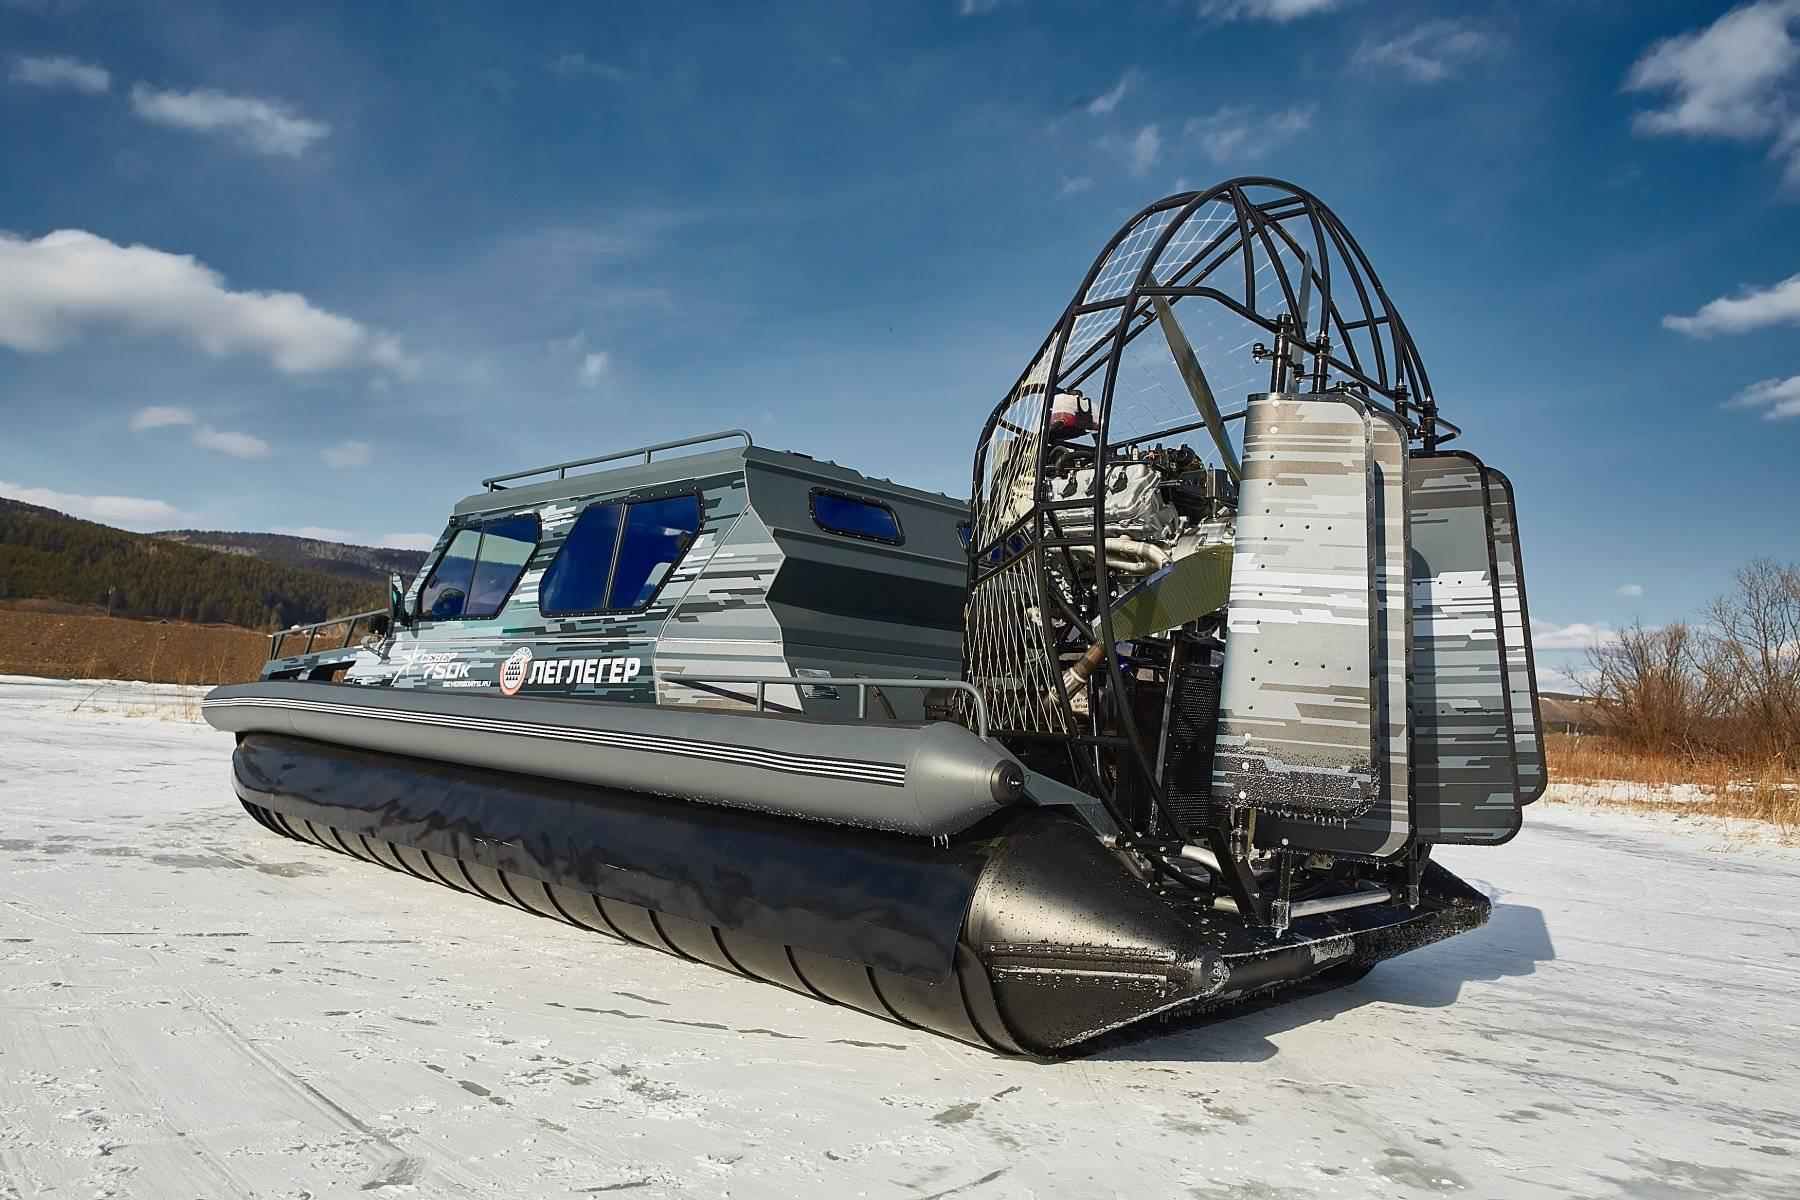 Премиальные аэролодки для преодоления водных препятствий с комфортом